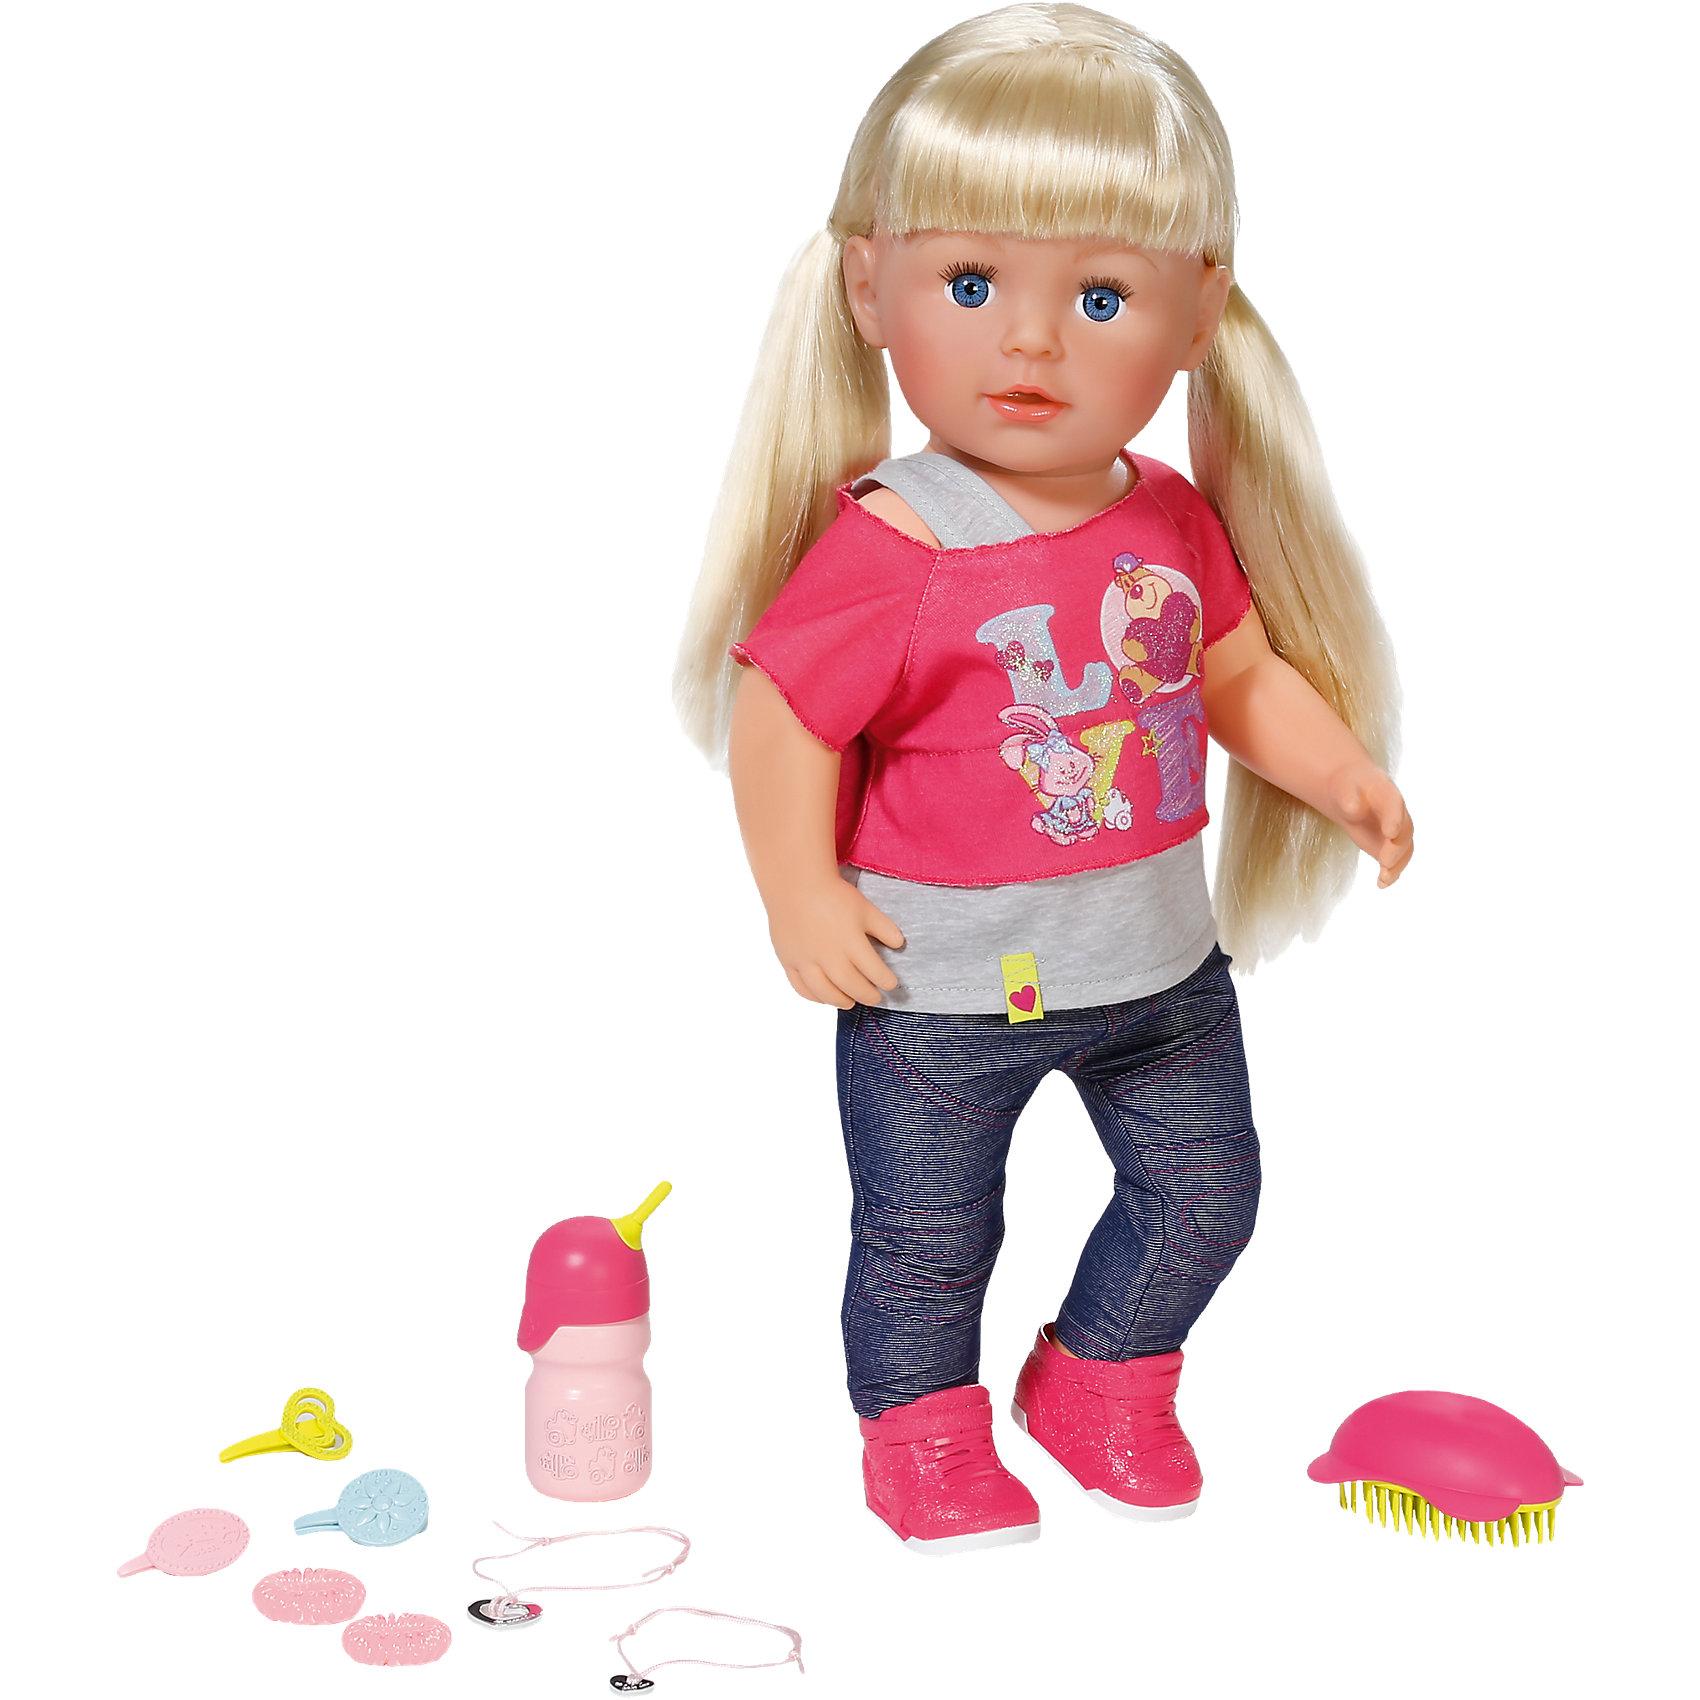 Кукла Сестричка, 43 см, BABY bornКуклы<br>Характеристики товара:<br><br>- цвет: разноцветный;<br>- материал: пластик, текстиль;<br>- особенности: сгибаются в коленях ноги, устойчива в вертикальном положении, умеет пить из бутылочки, плакать настоящими слезами, можно купать;<br>- размер упаковки: 38х9х10 см;<br>- размер куклы: 43 см.<br><br>Такие красивые куклы не оставят ребенка равнодушным! Какая девочка откажется поиграть с куклой, которая так выглядит?! Игрушка отлично детализирована, очень качественно выполнена, поэтому она станет отличным подарком ребенку. Она столько всего умеет! Кукла дополнена аксессуарами.<br>Изделие произведено из высококачественного материала, безопасного для детей.<br><br>Куклу Сестричка, 43 см, BABY born можно купить в нашем интернет-магазине.<br><br>Ширина мм: 385<br>Глубина мм: 360<br>Высота мм: 203<br>Вес г: 1421<br>Возраст от месяцев: 36<br>Возраст до месяцев: 60<br>Пол: Женский<br>Возраст: Детский<br>SKU: 4674538